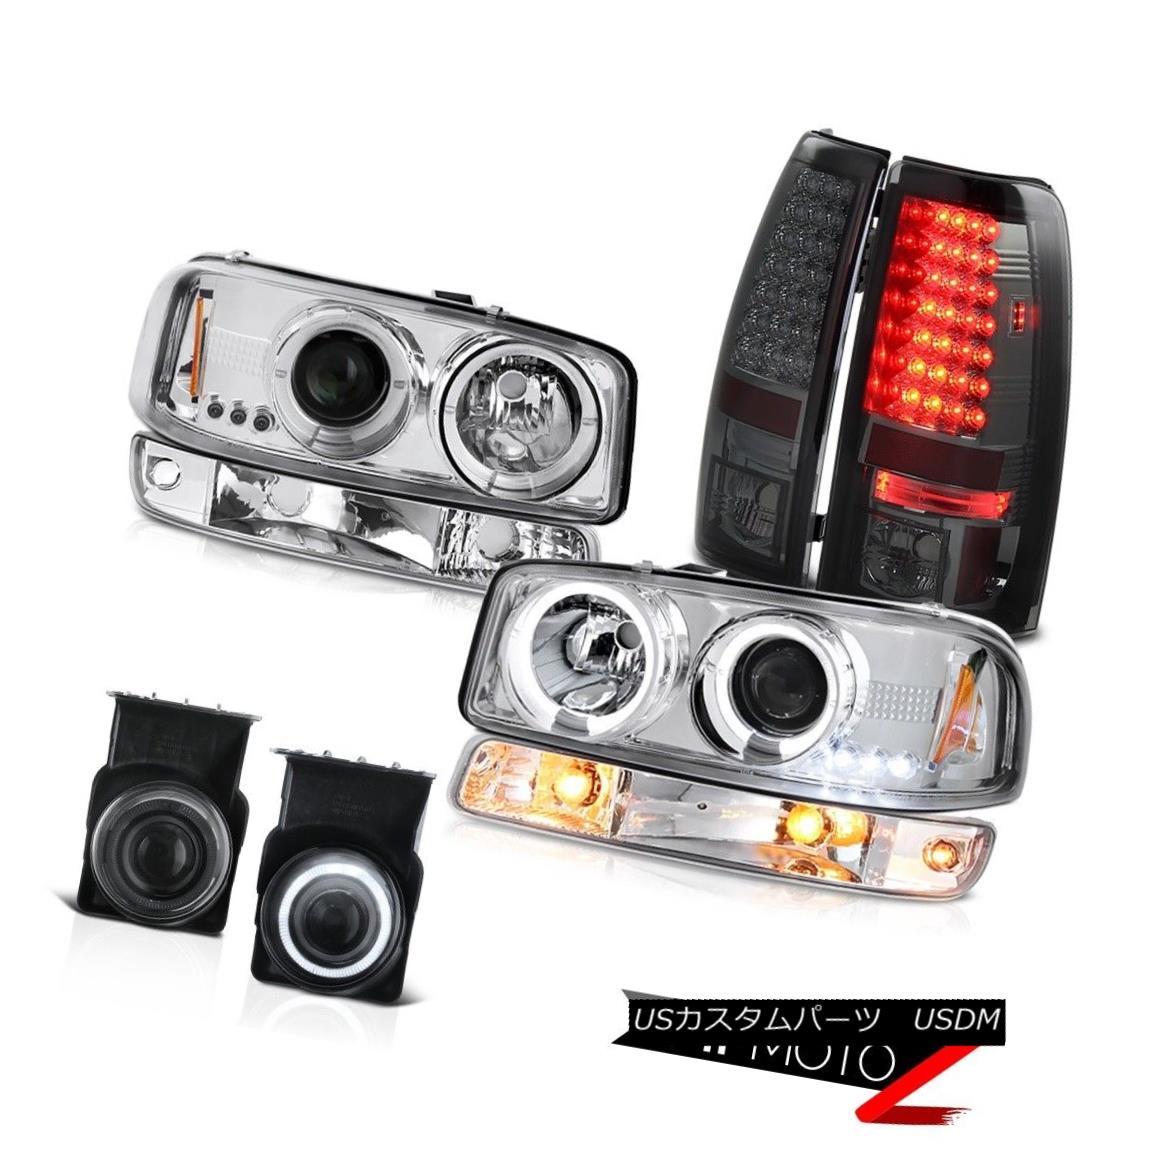 テールライト 03-06 Sierra C3 Smoked foglights smd tail lamps euro clear turn signal headlamps 03-06 Sierra C3スモークフォグライトとテールランプユーロクリアターンシグナルヘッドランプ